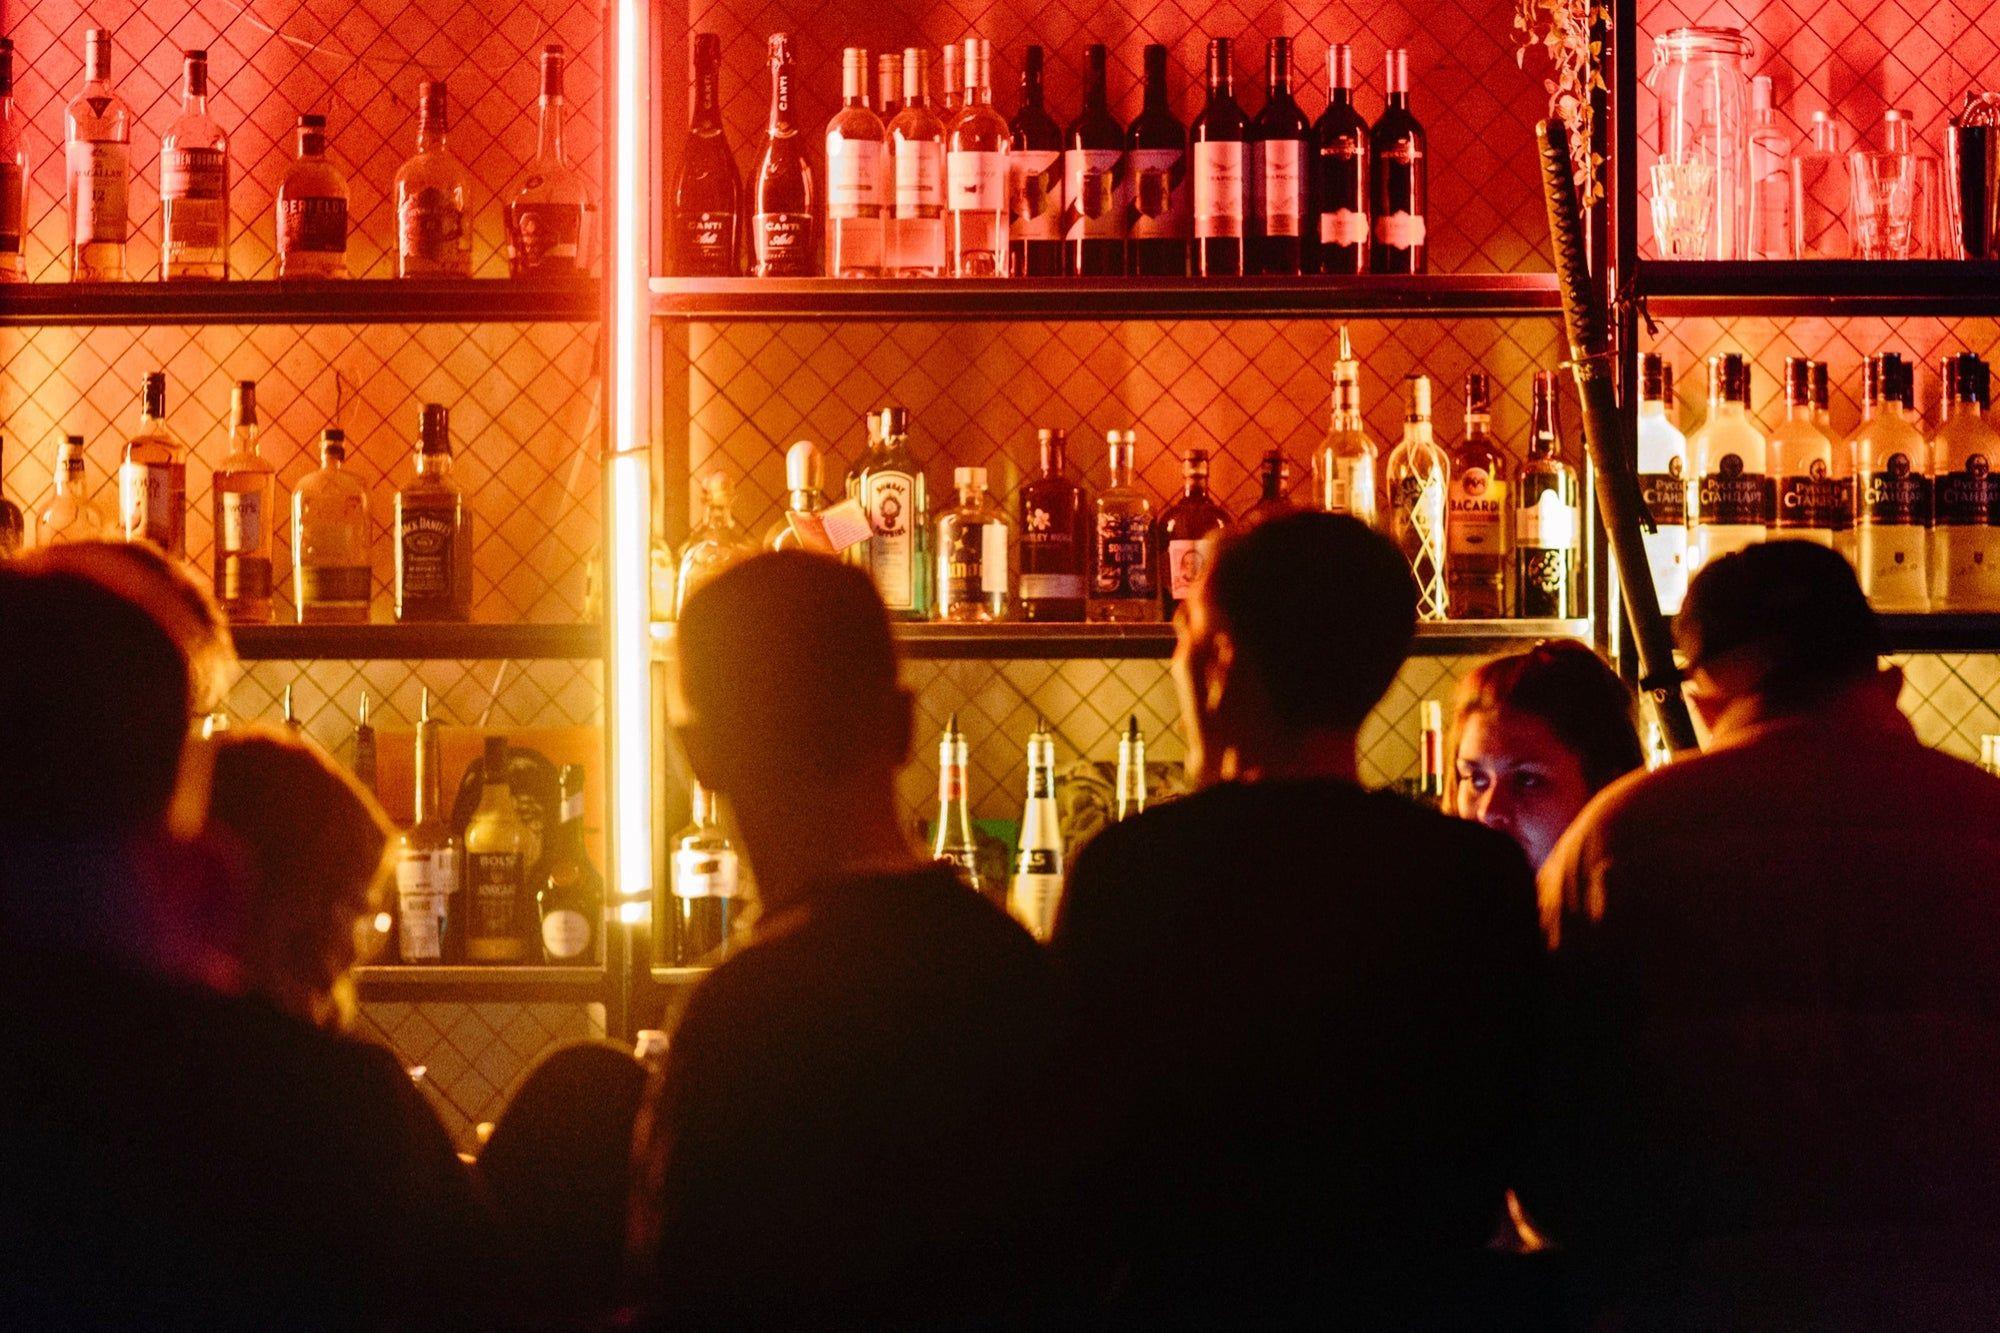 Encuentran bar clandestino cuya entrada era un refrigerador falso,  autoridades lo clausuran